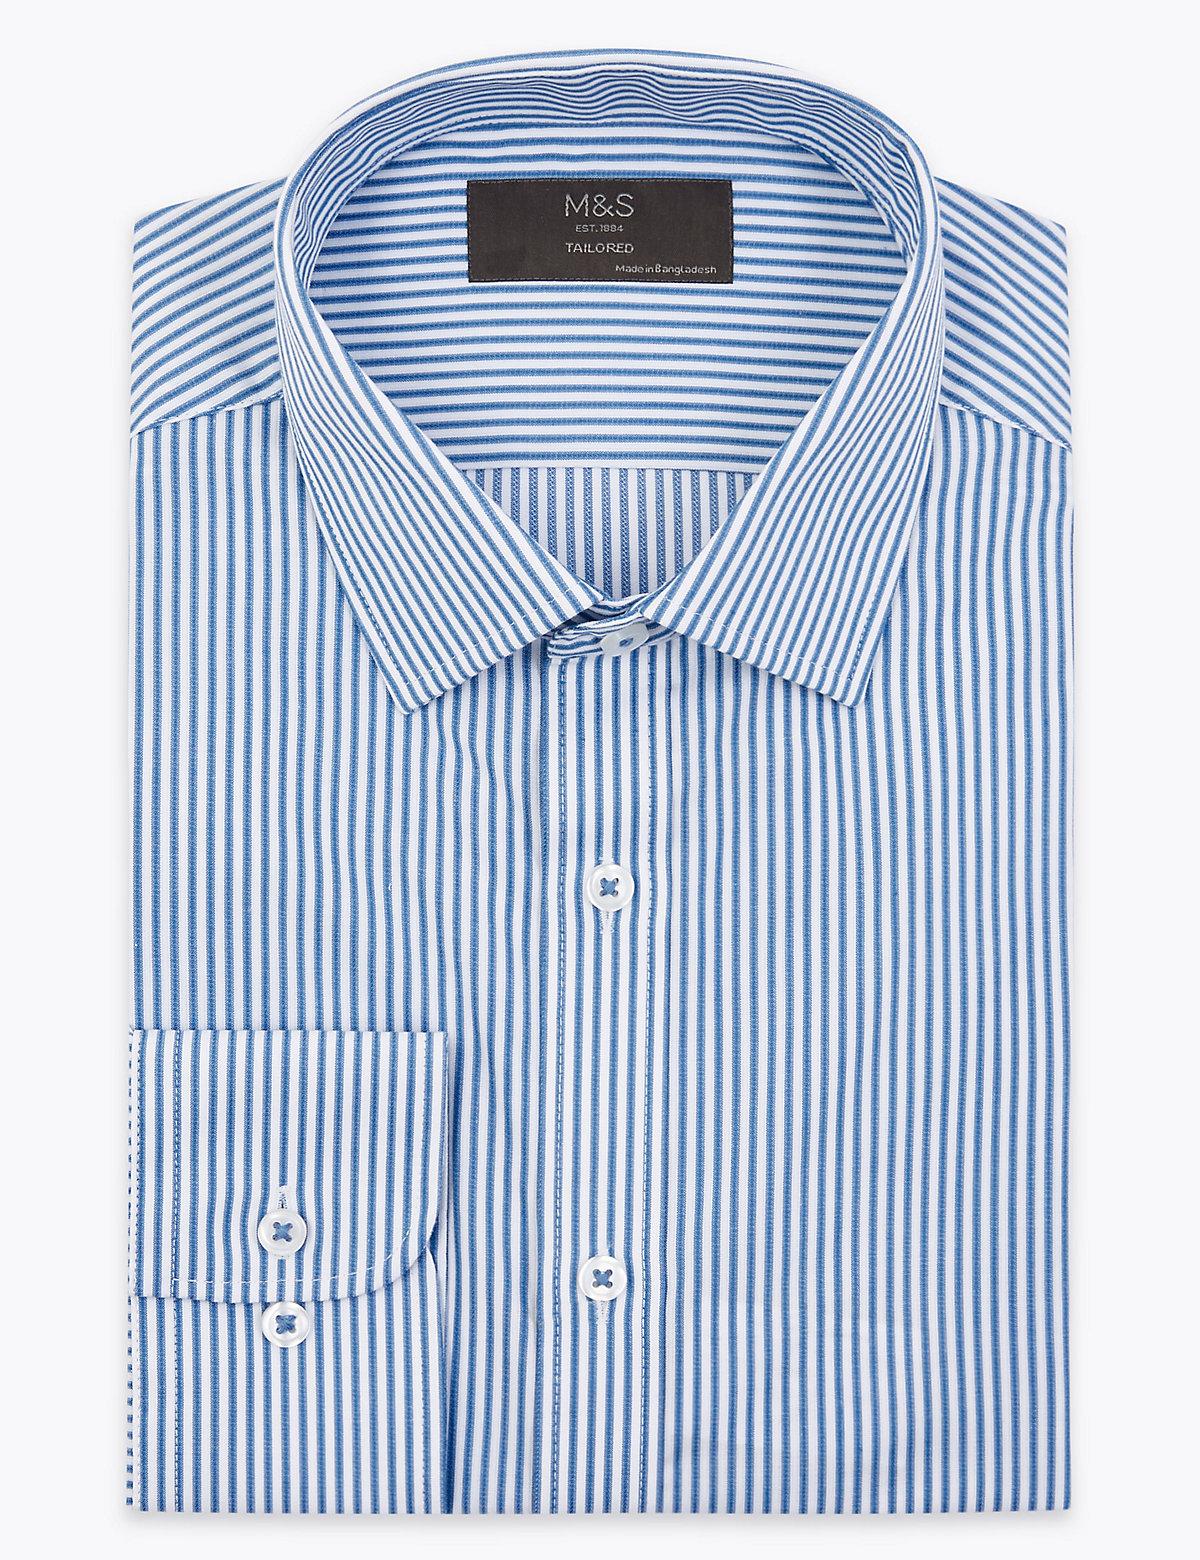 Мужская рубашка в полоску с отделкой Easy Iron